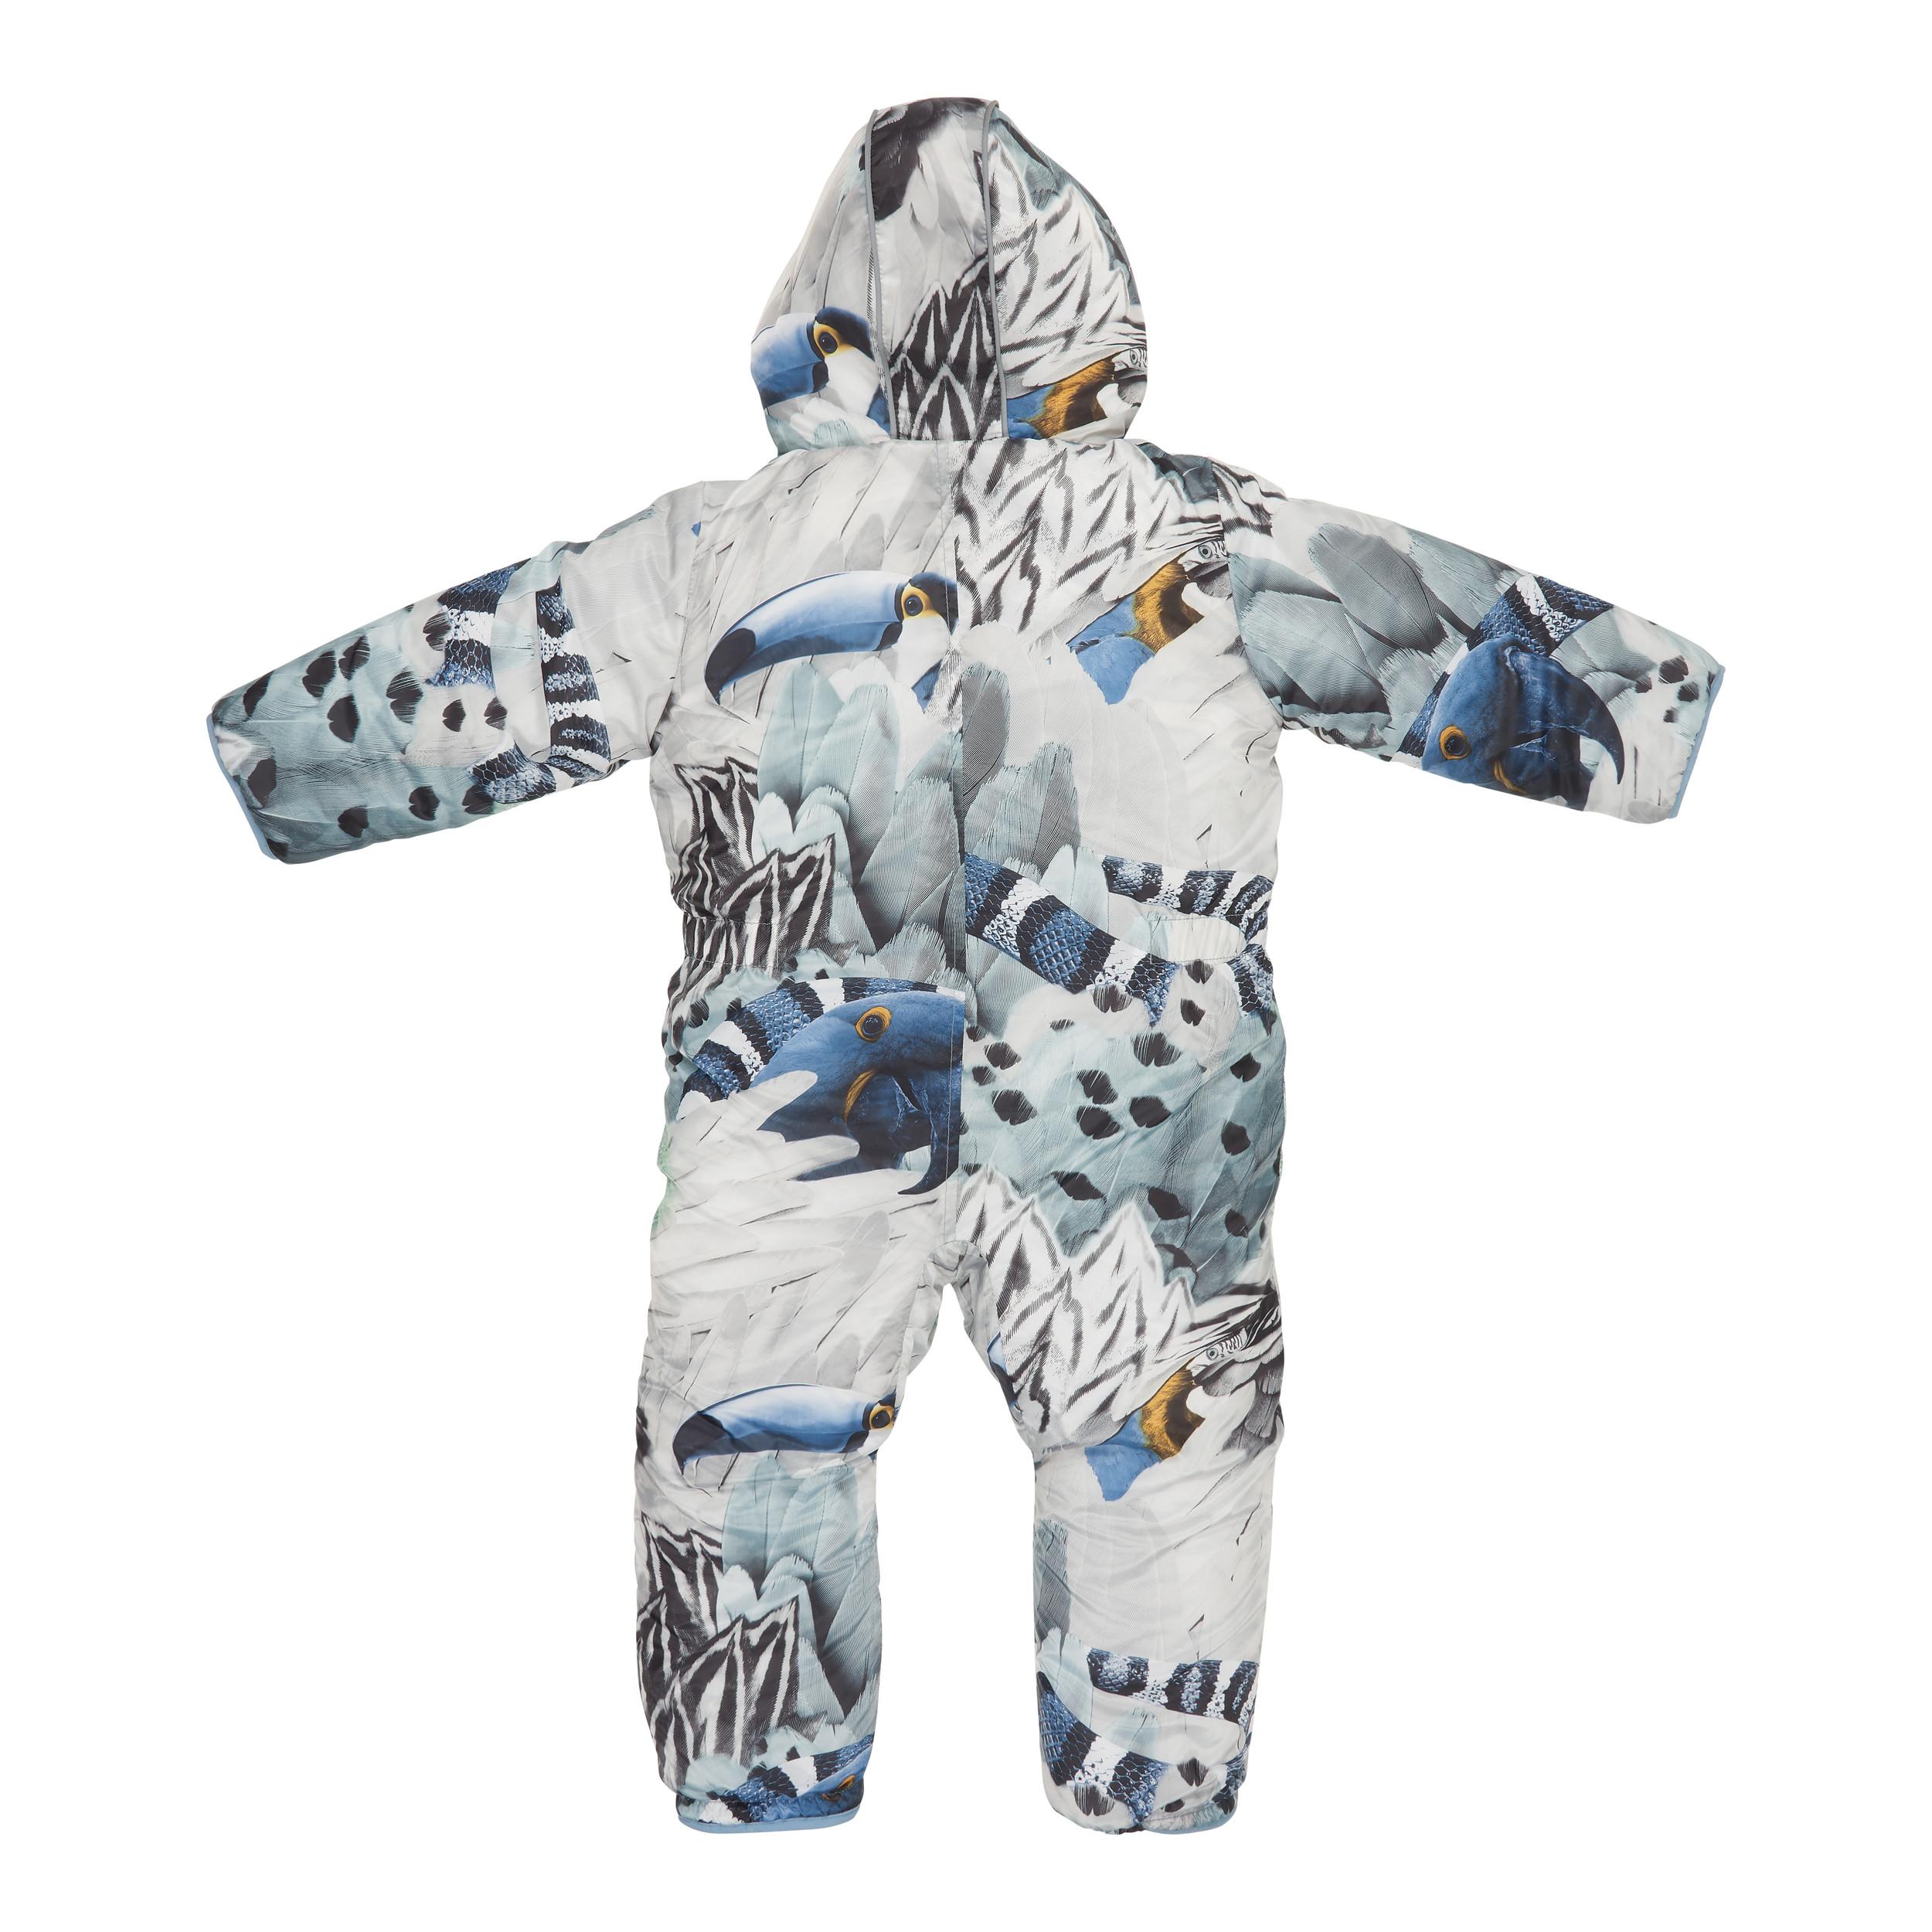 lodger skier ist ein wasser und winddichter baby schneeanzug f r die gr e 3 24 monate. Black Bedroom Furniture Sets. Home Design Ideas